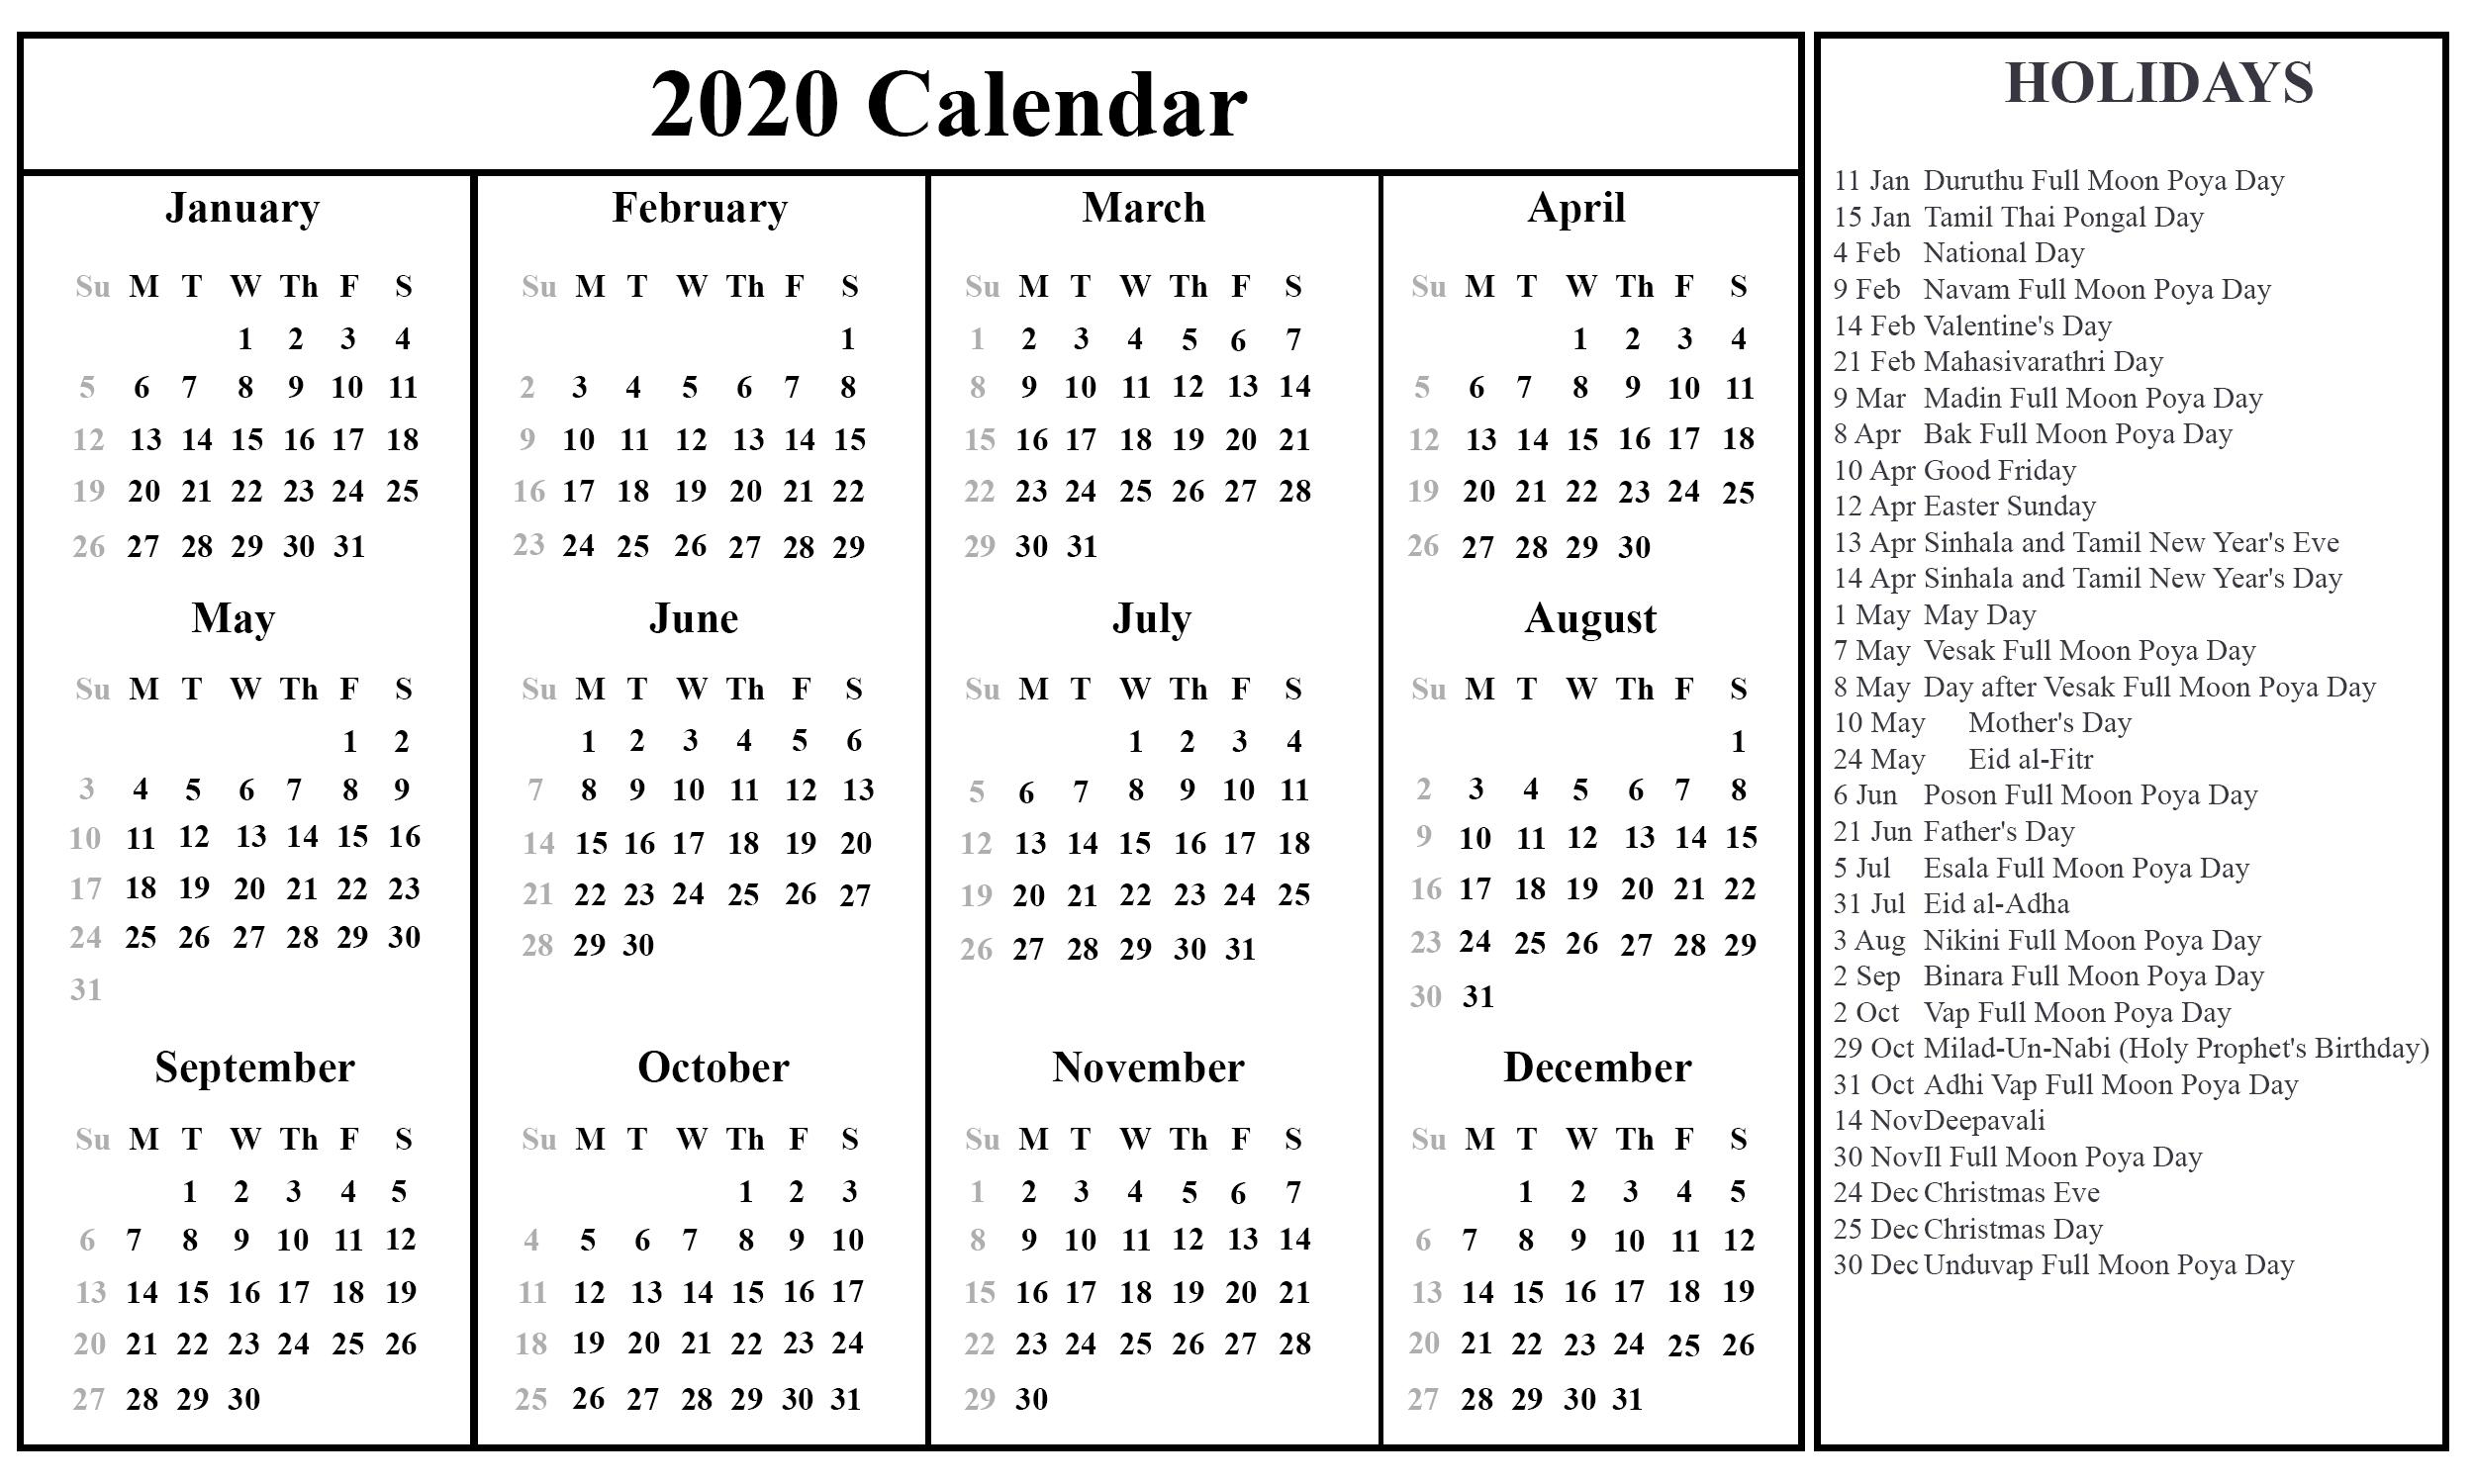 Printable August Calendar Template-2020 Calendar With Public Holidays